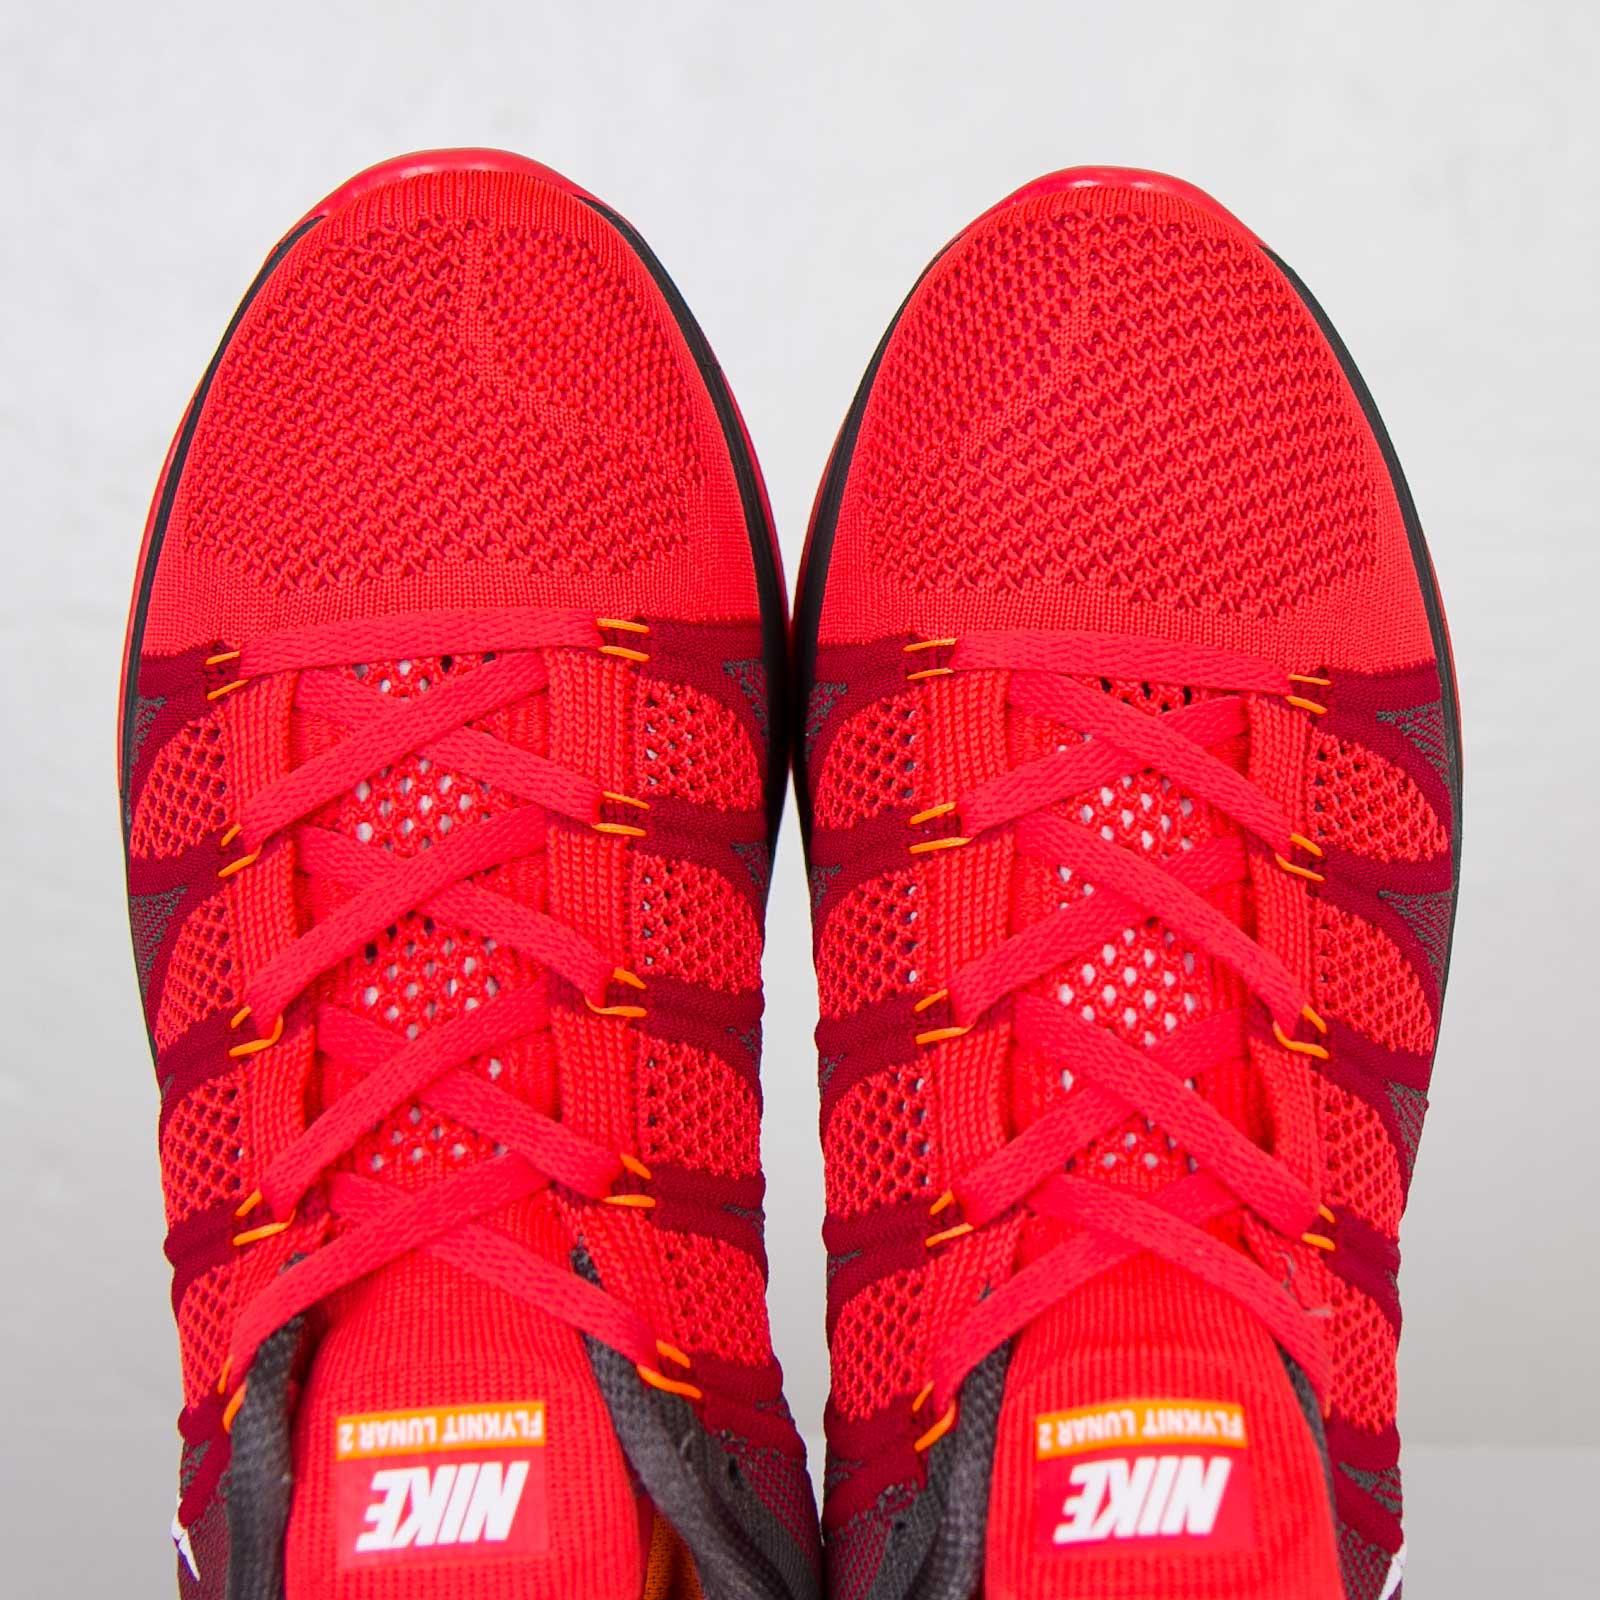 c0da952f407c Nike Flyknit Lunar2 - 620465-616 - Sneakersnstuff